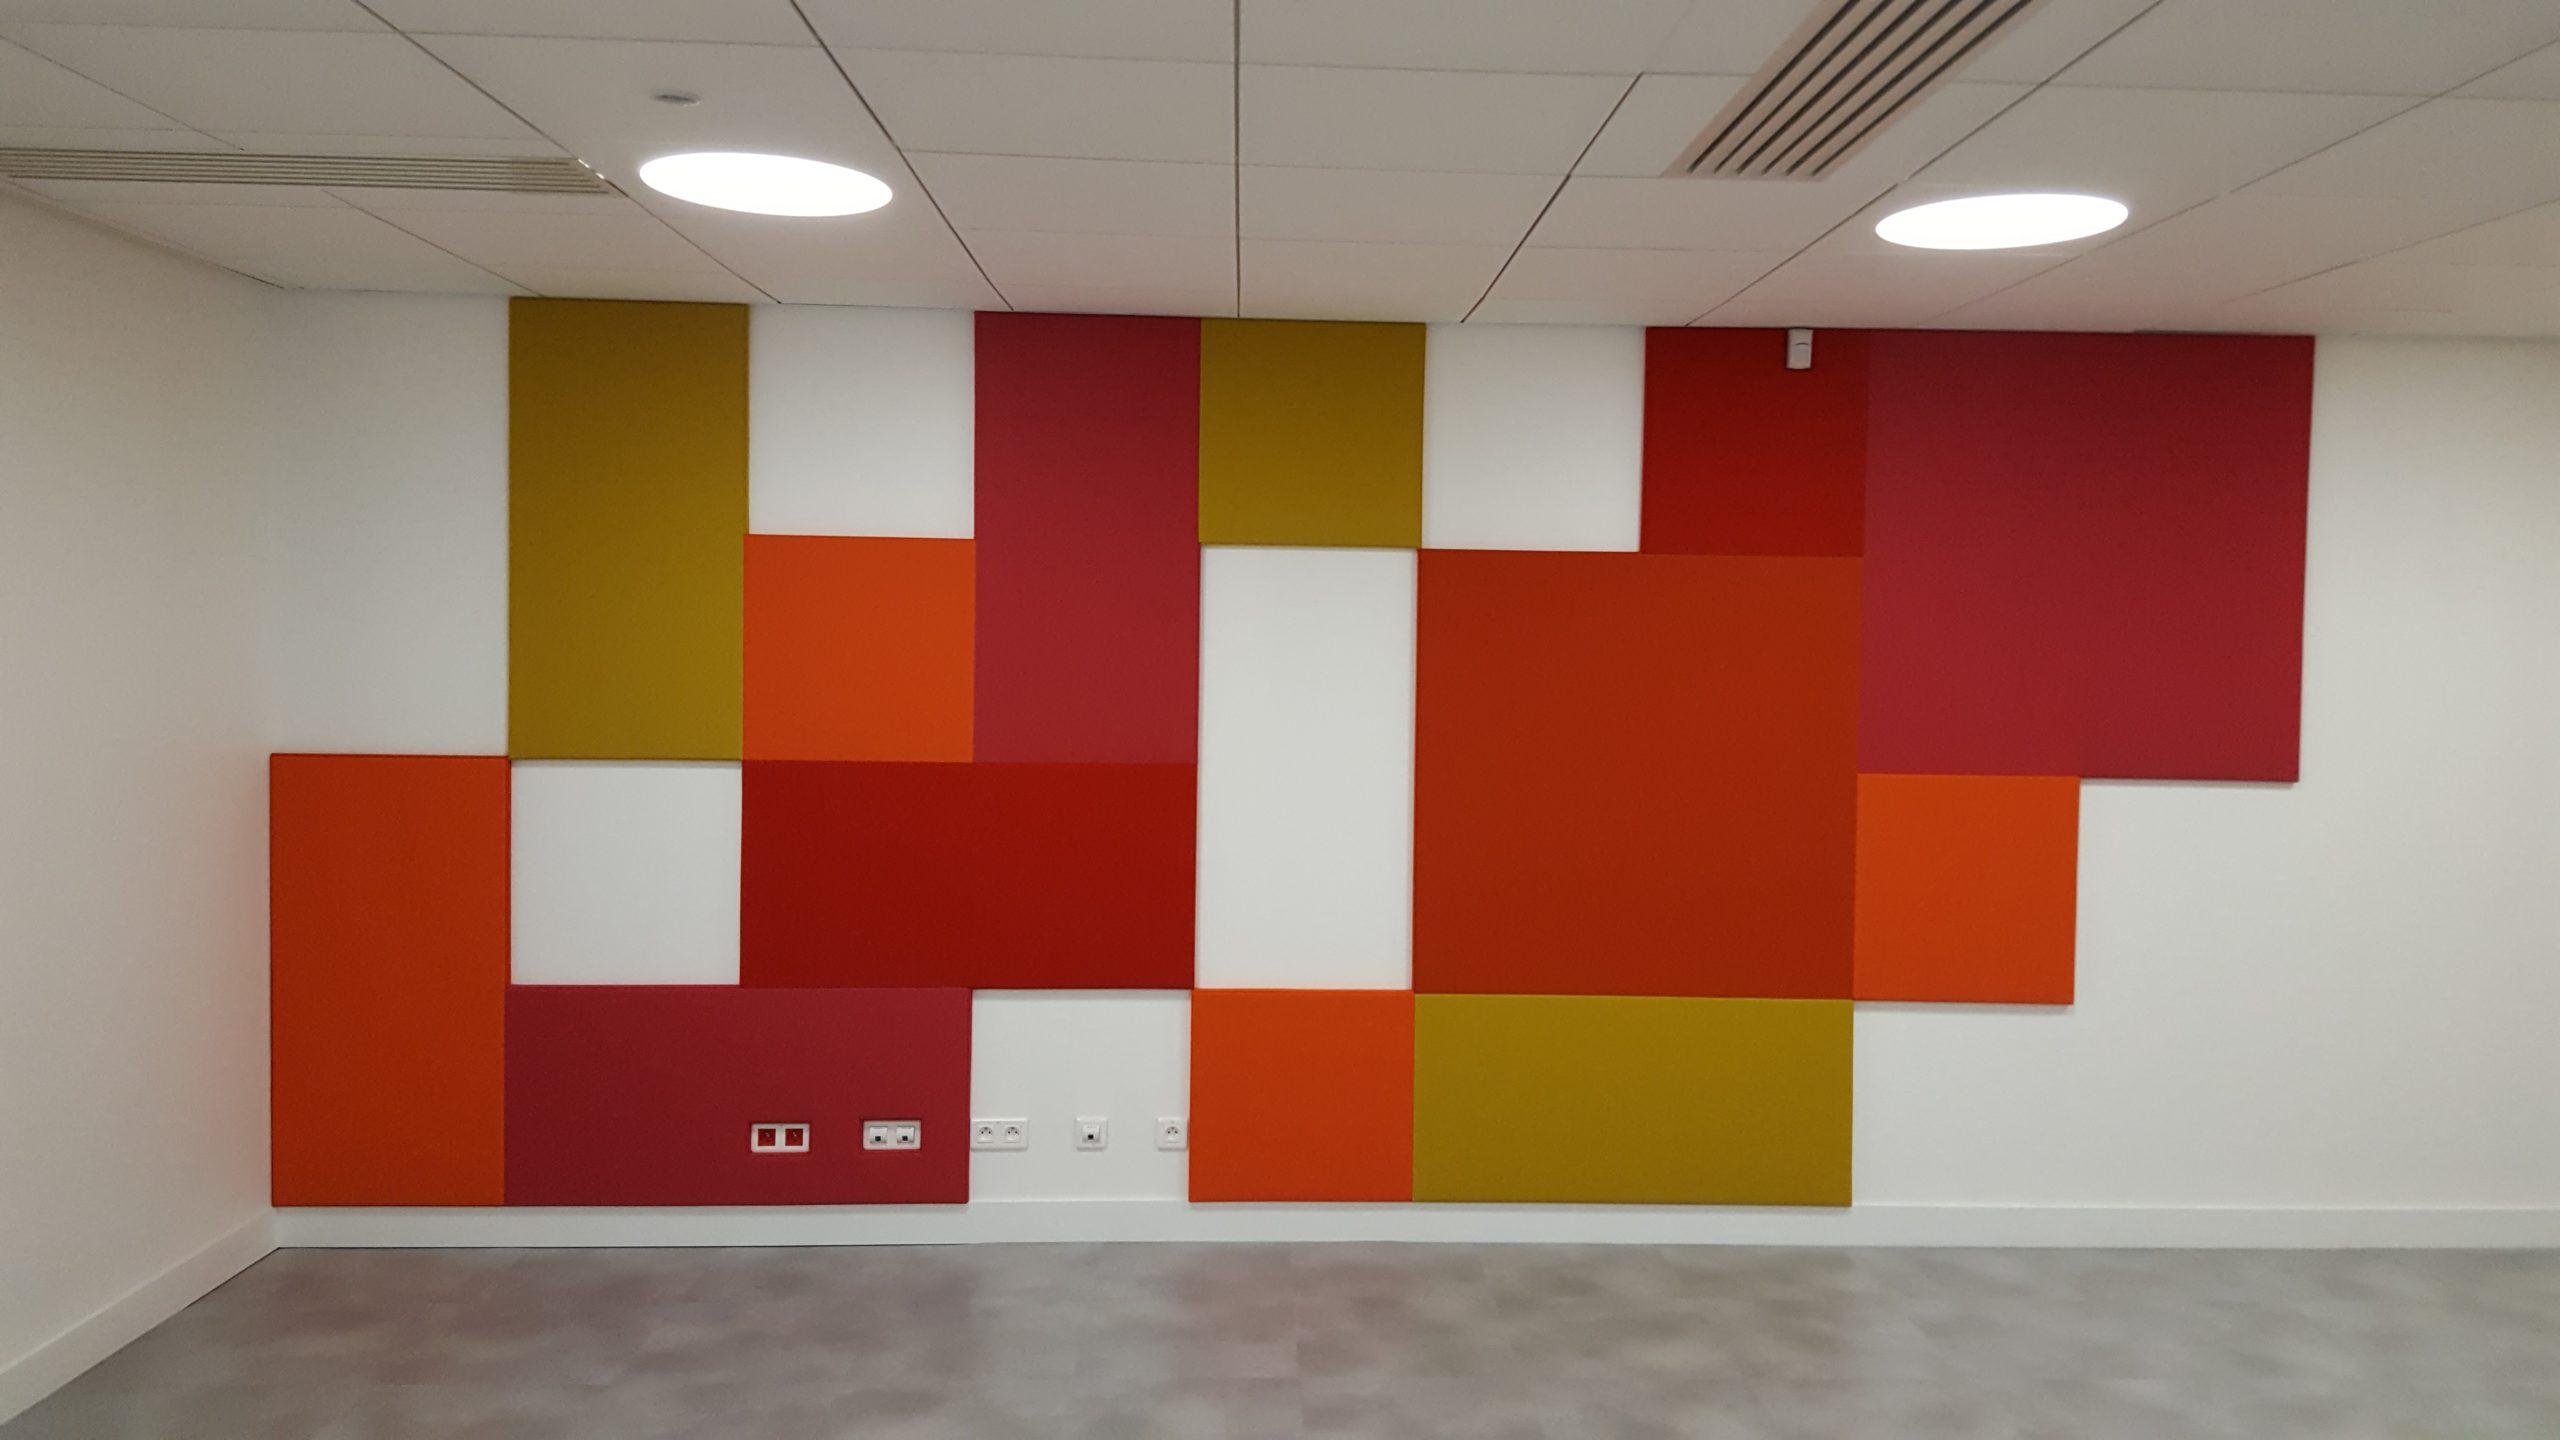 Habillage mural de couleur rouge, ocre et vert